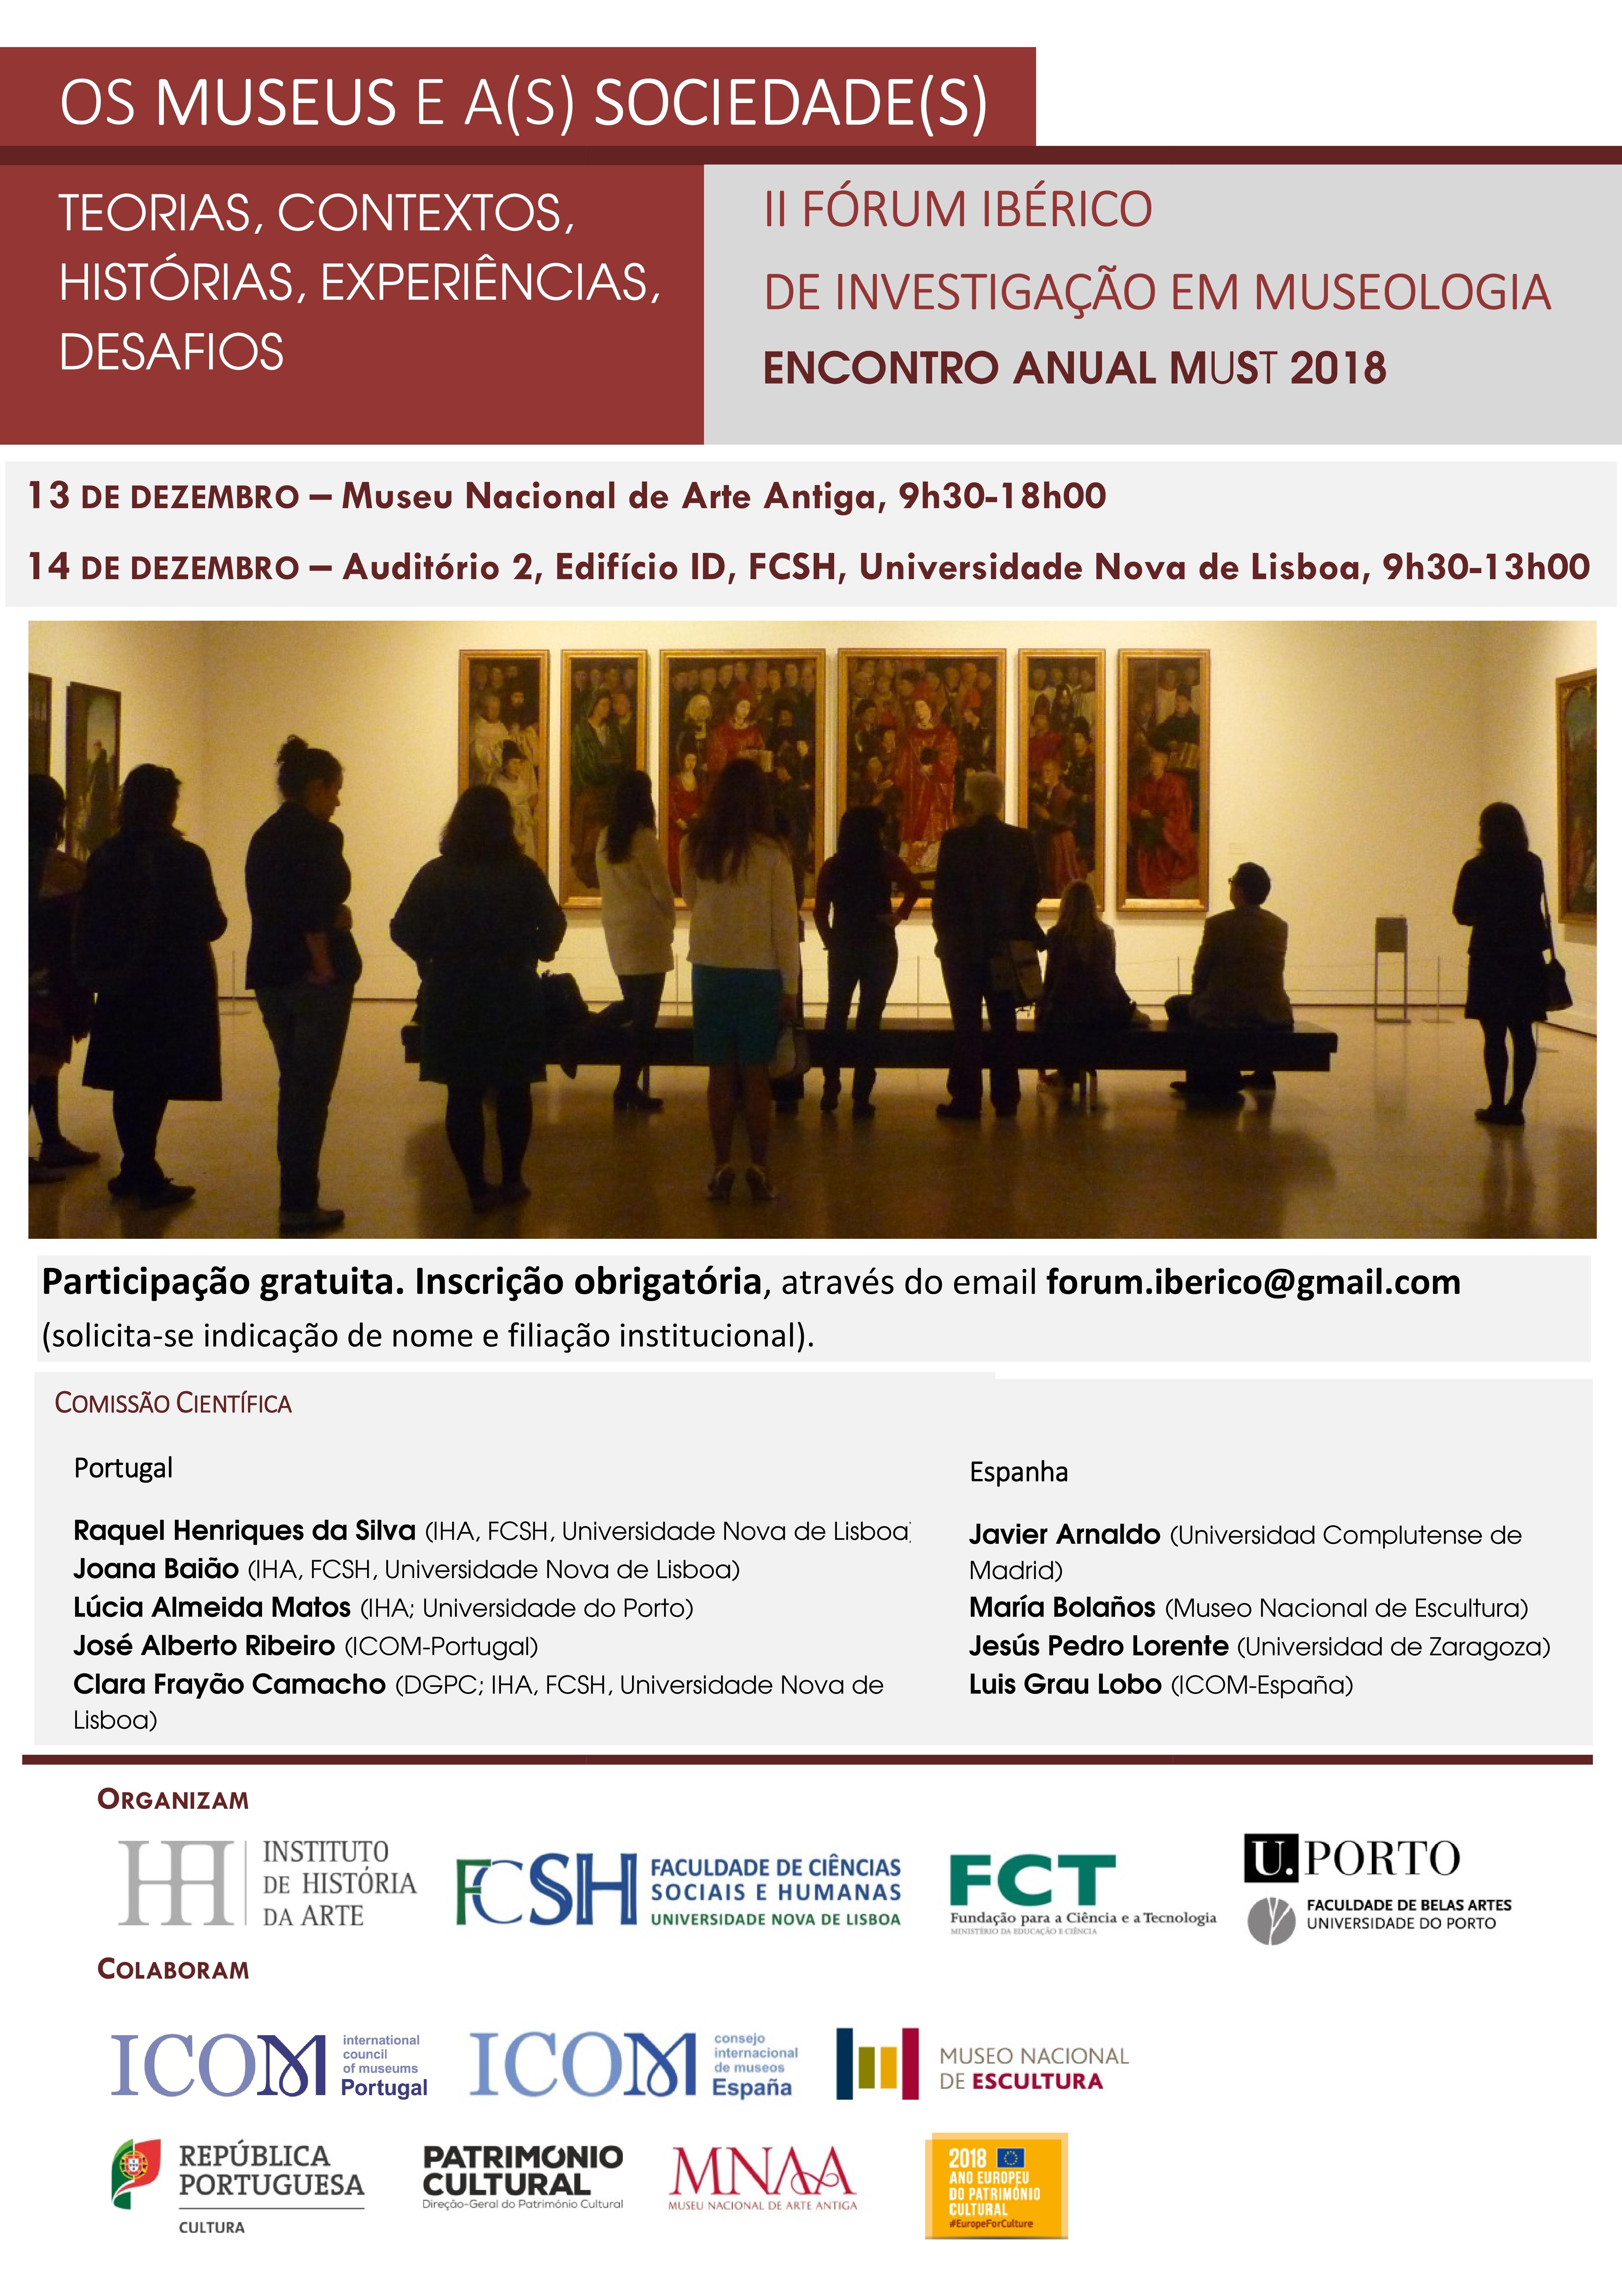 II Fórum Ibérico de Investigação em Museologia / Encontro anual MuSt 2018